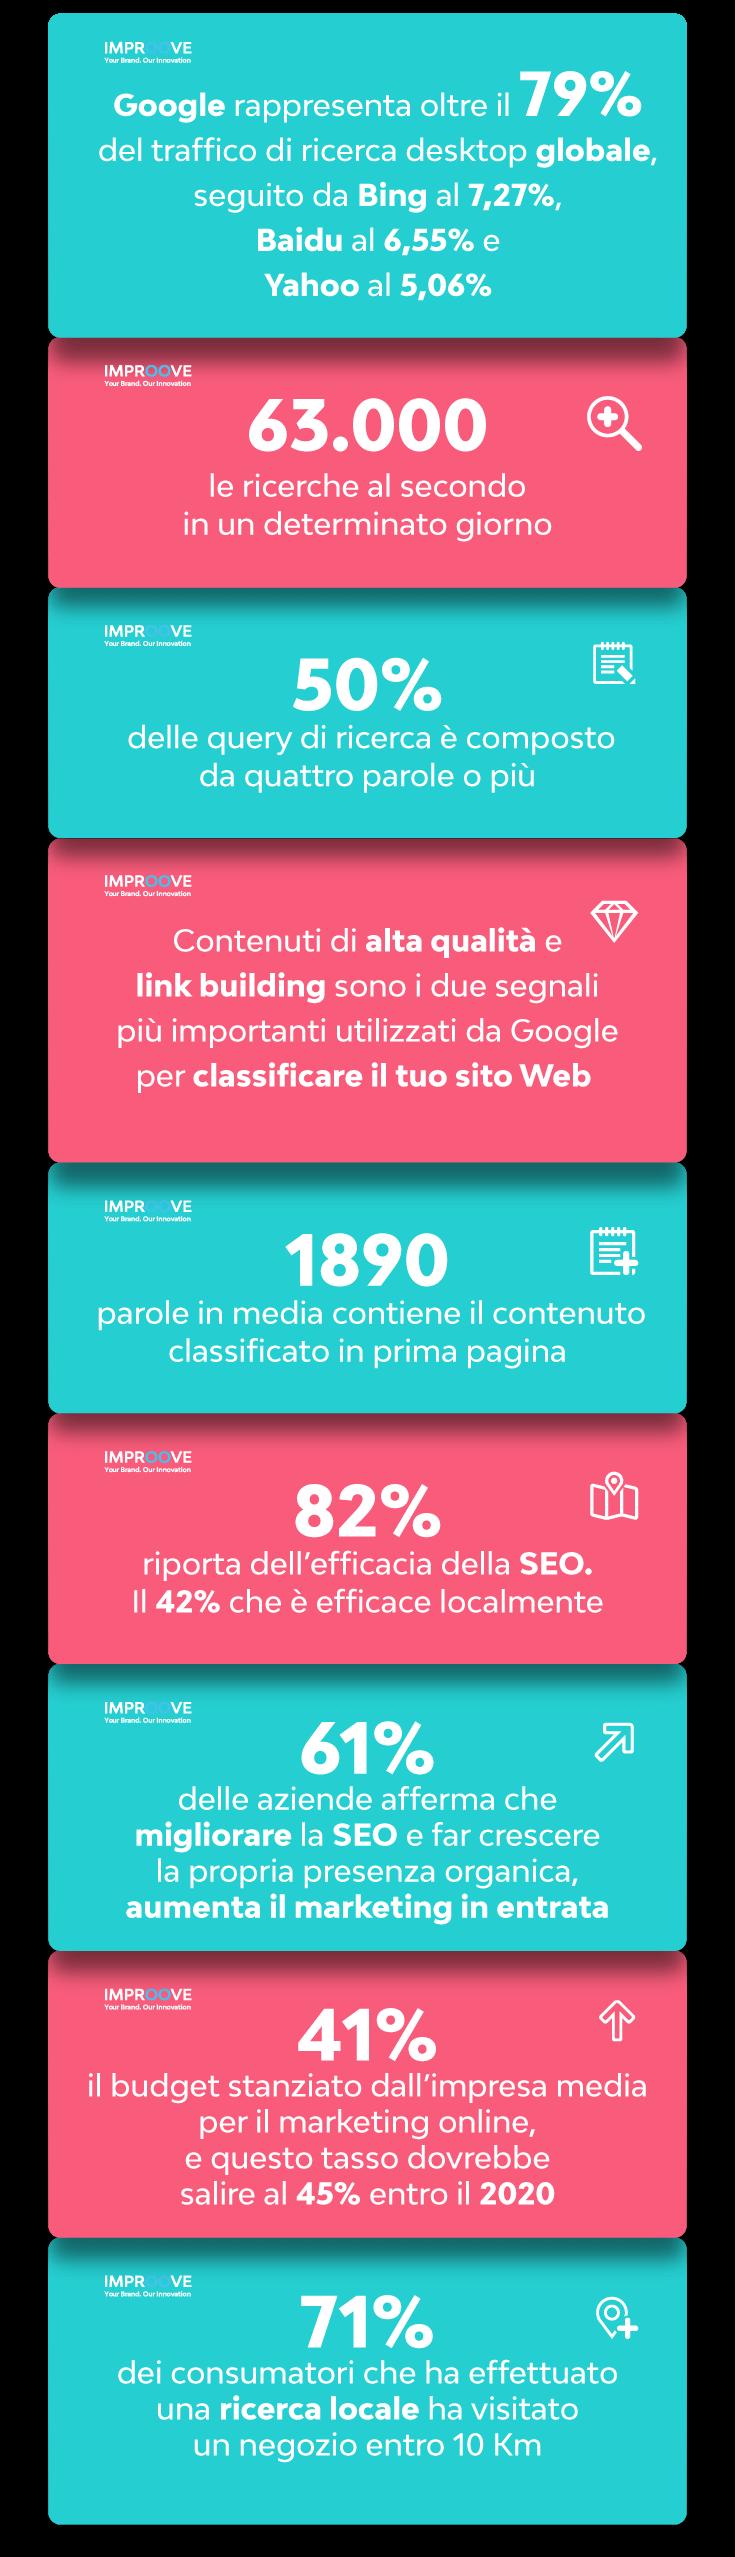 Consulente SEO Pescara - Consulente SEO Milano - Consulente SEO Roma -